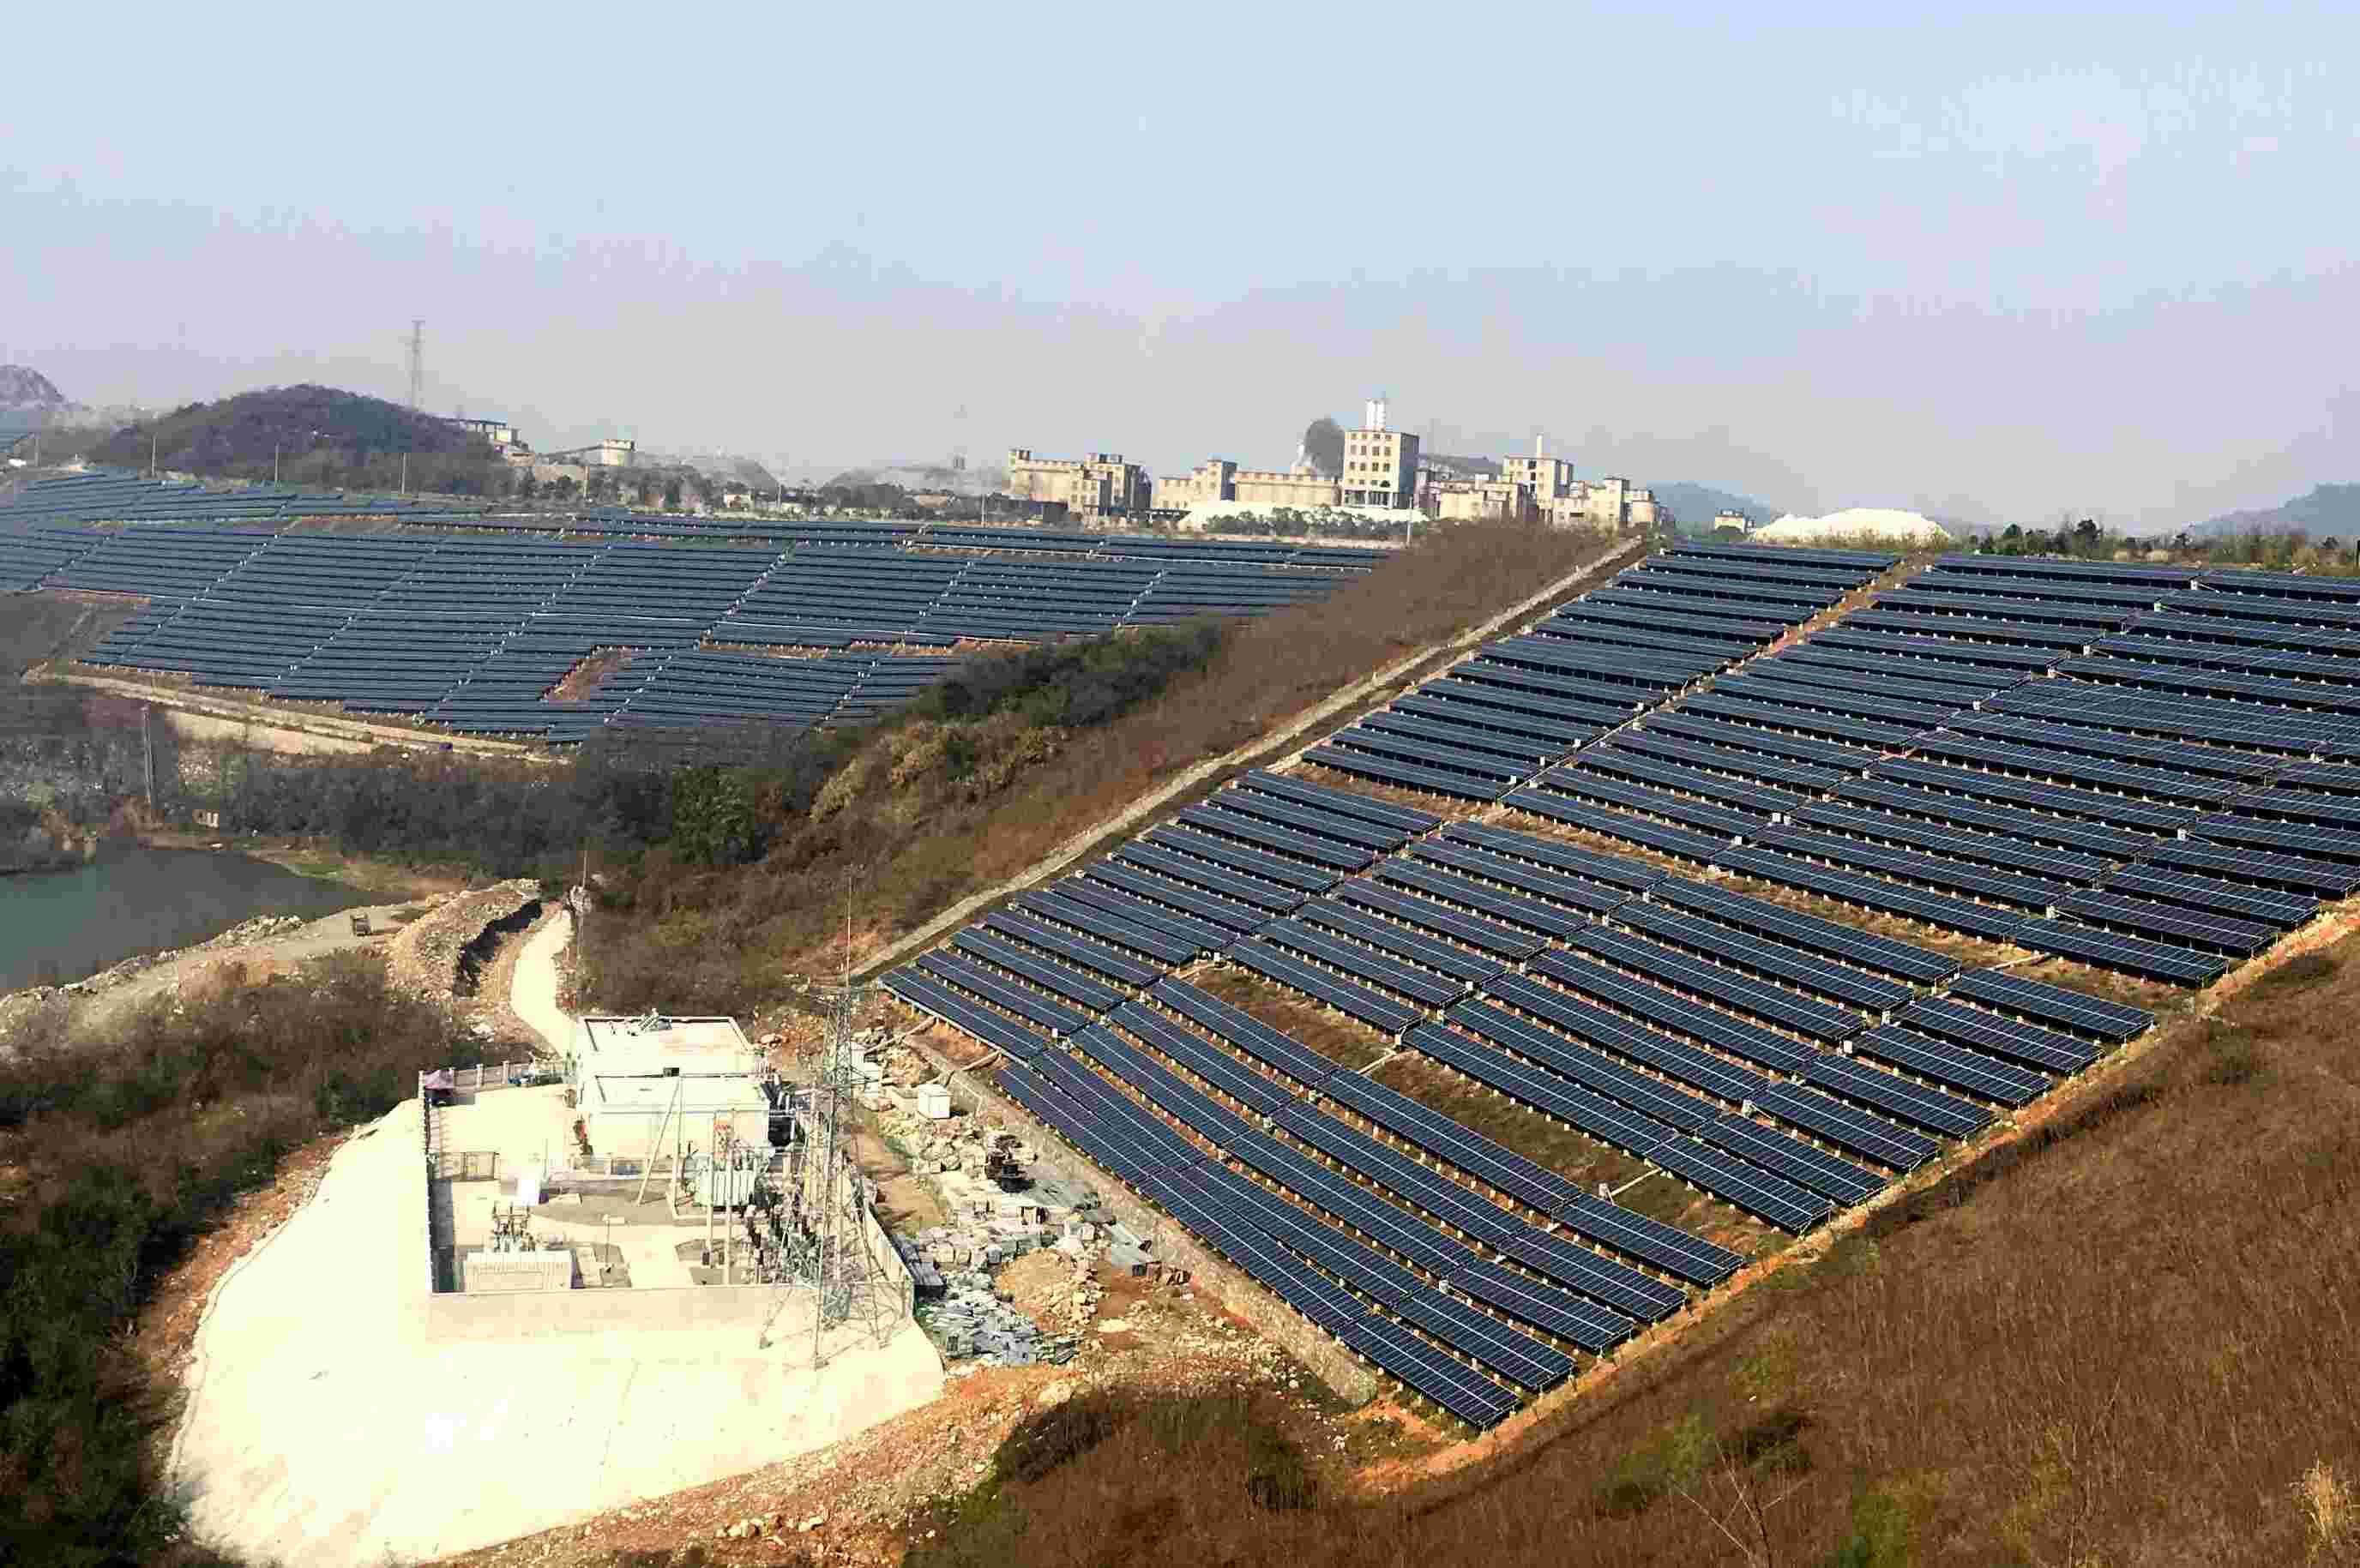 黄石铁山区50MWp并网光伏发电项目水土保持设施验收网上公示